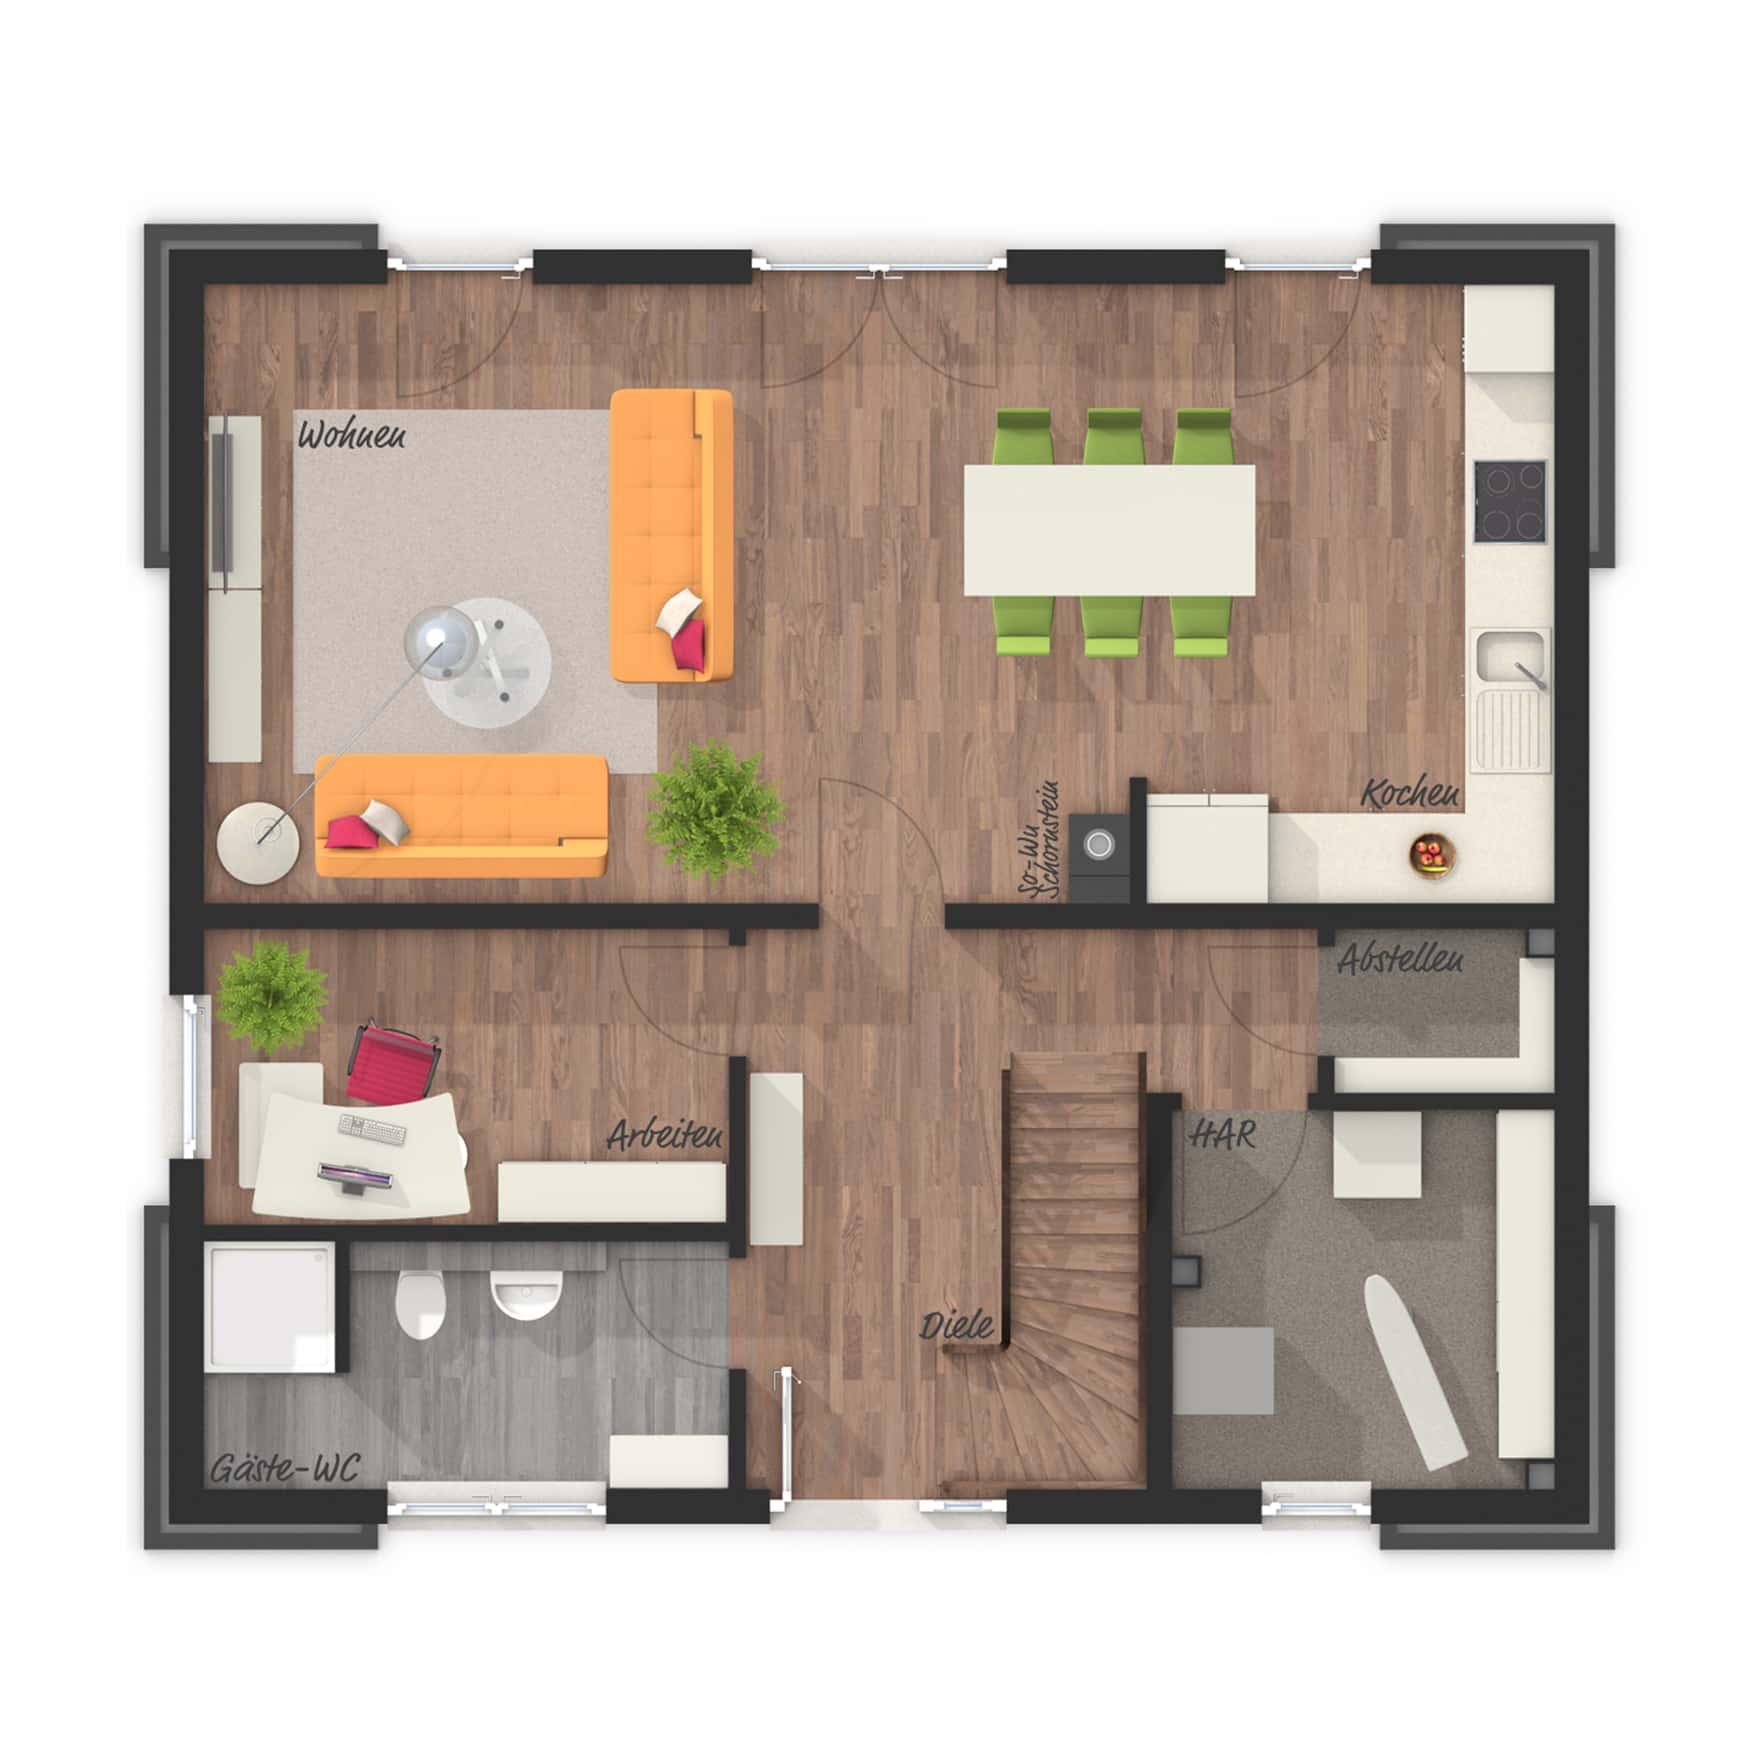 Grundriss Einfamilienhaus Erdgeschoss mit Gäste Bad & Büro, 5 Zimmer, 120 qm - Massivhaus schlüsselfertig bauen Ideen Town Country Haus Flair 130 Klinker - HausbauDirekt.de